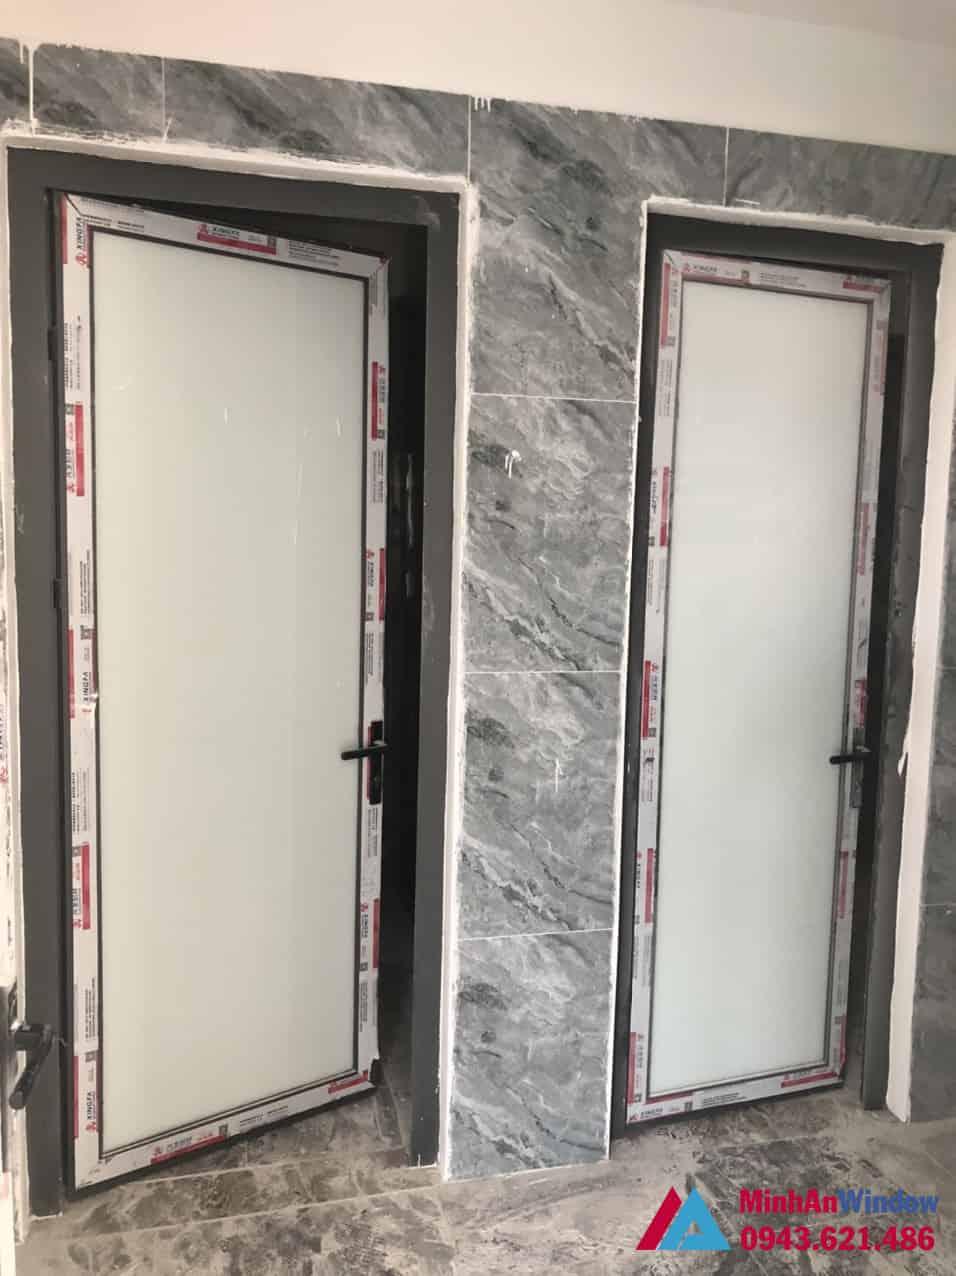 Mẫu cửa đi nhôm kính 1 cánh tại huyện Đông Anh do Minh An Window lắp đặt